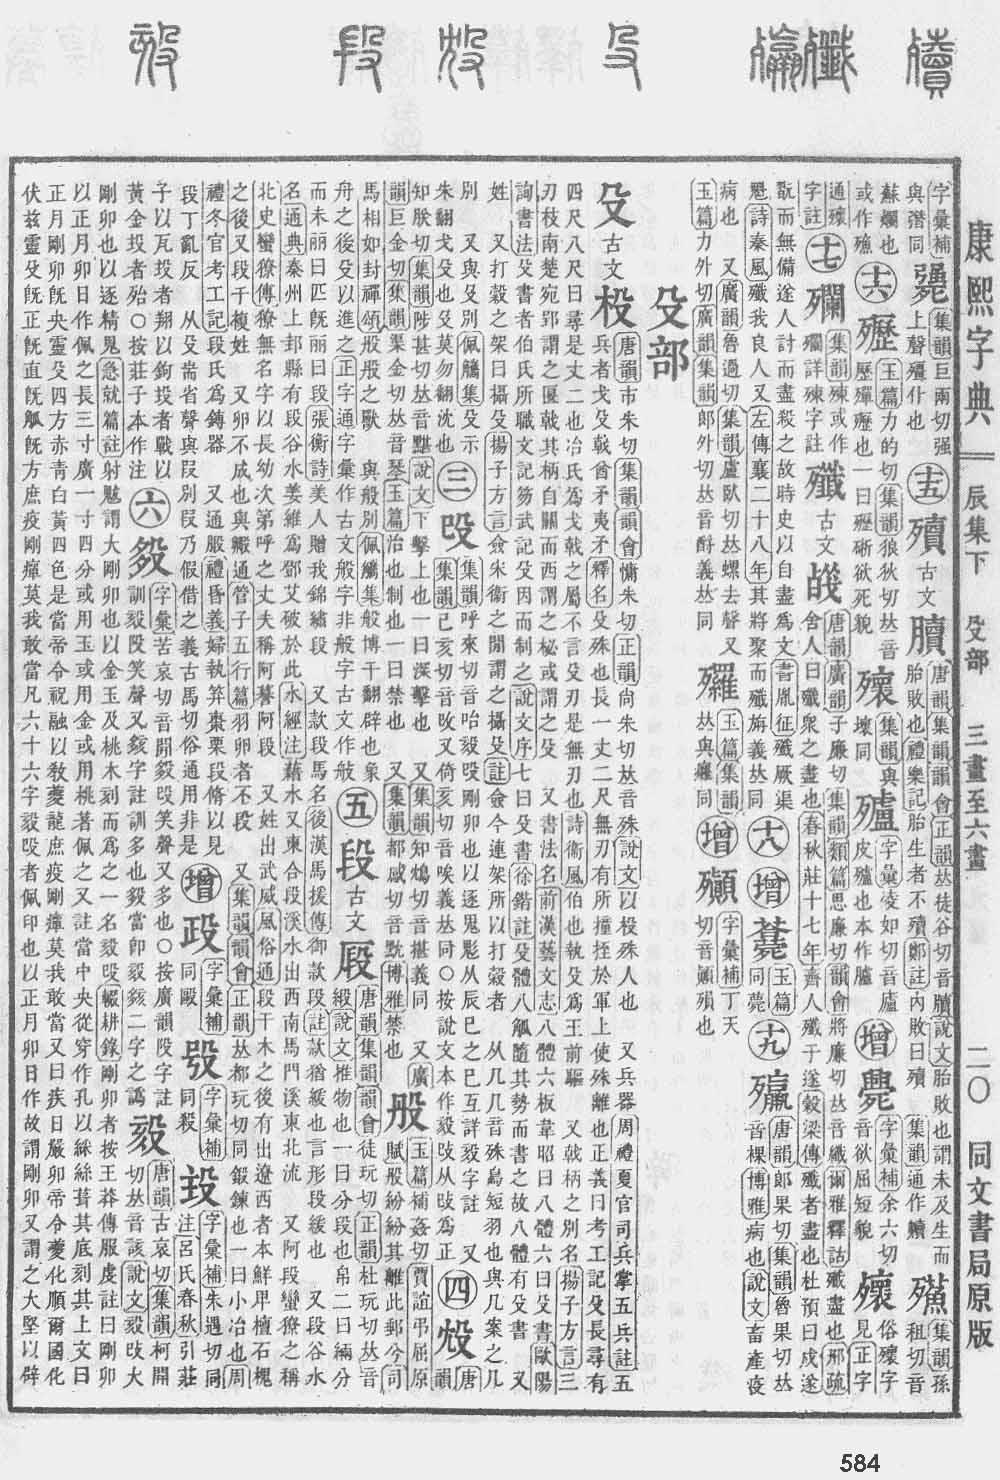 《康熙字典》第584页